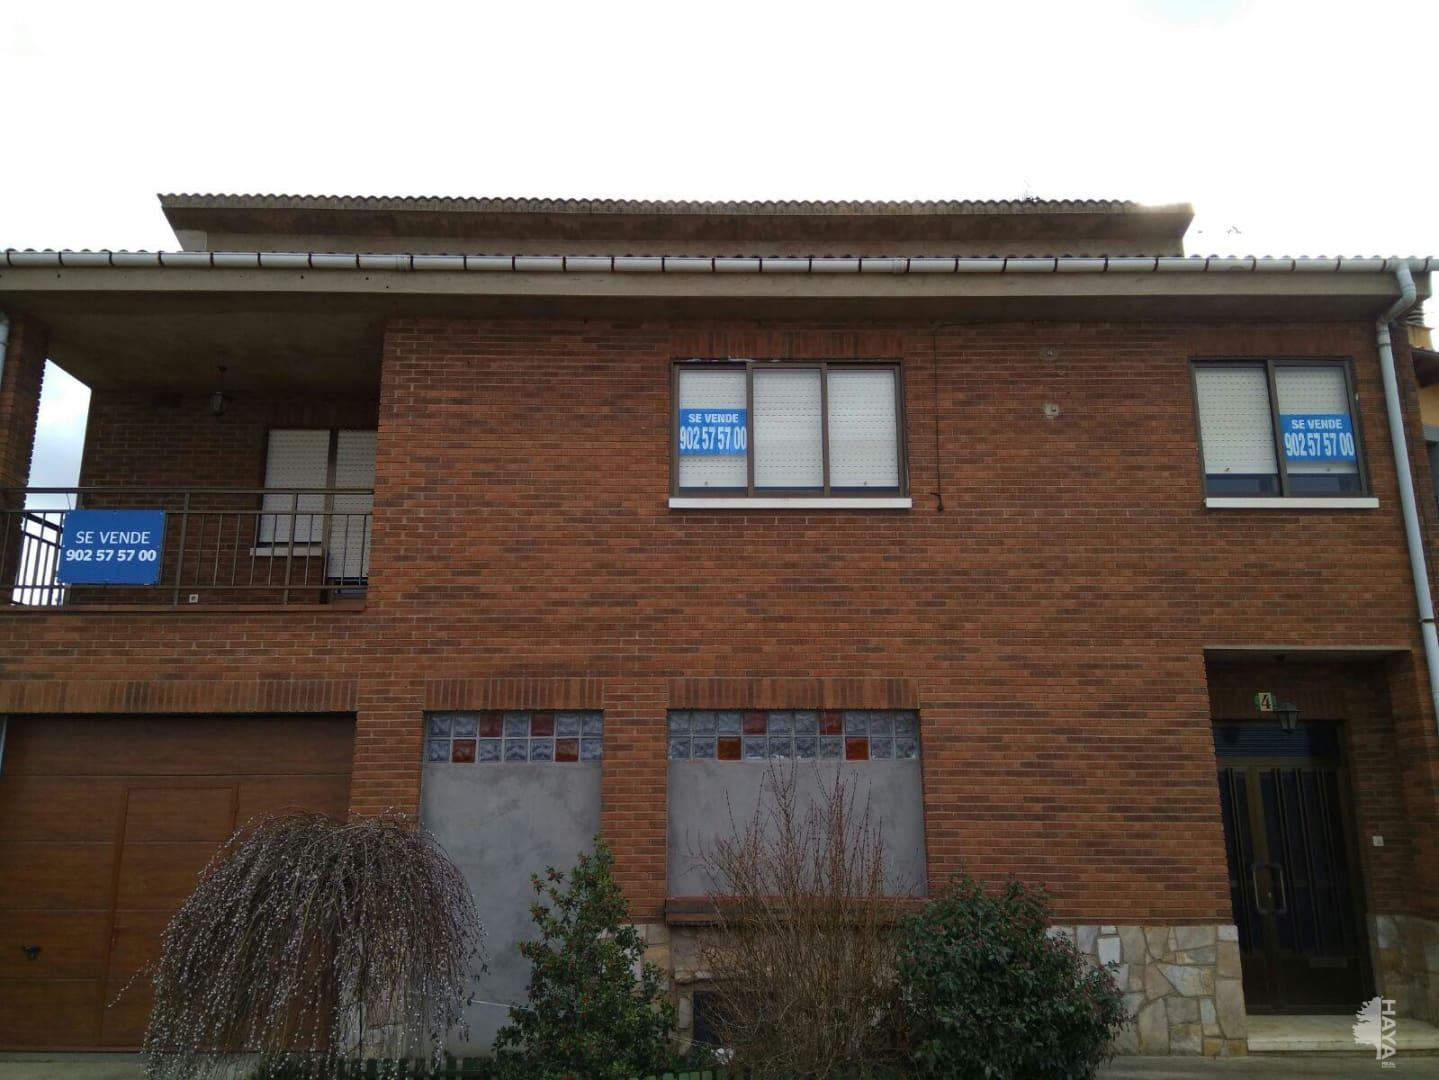 Casa en venta en San Miguel del Camino, Valverde de la Virgen, León, Calle Aldea (la), 145.900 €, 3 habitaciones, 1 baño, 175 m2